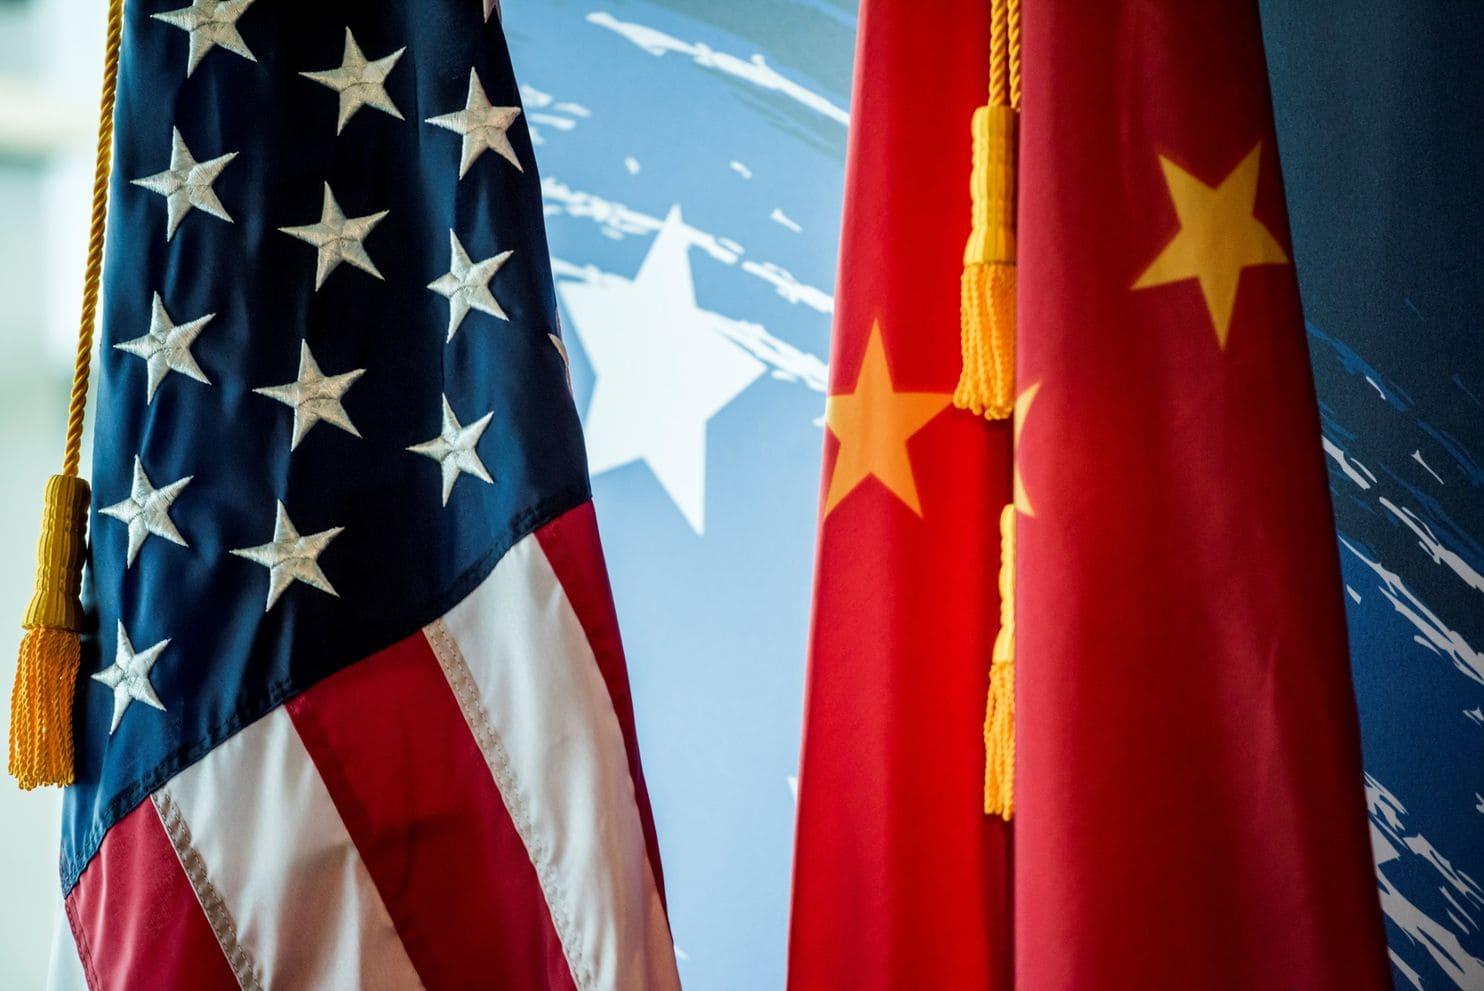 A compter de mardi prochain, les administrations publiques américaines ne pourront plus collaborer avec Huawei et autres équipementiers chinois.